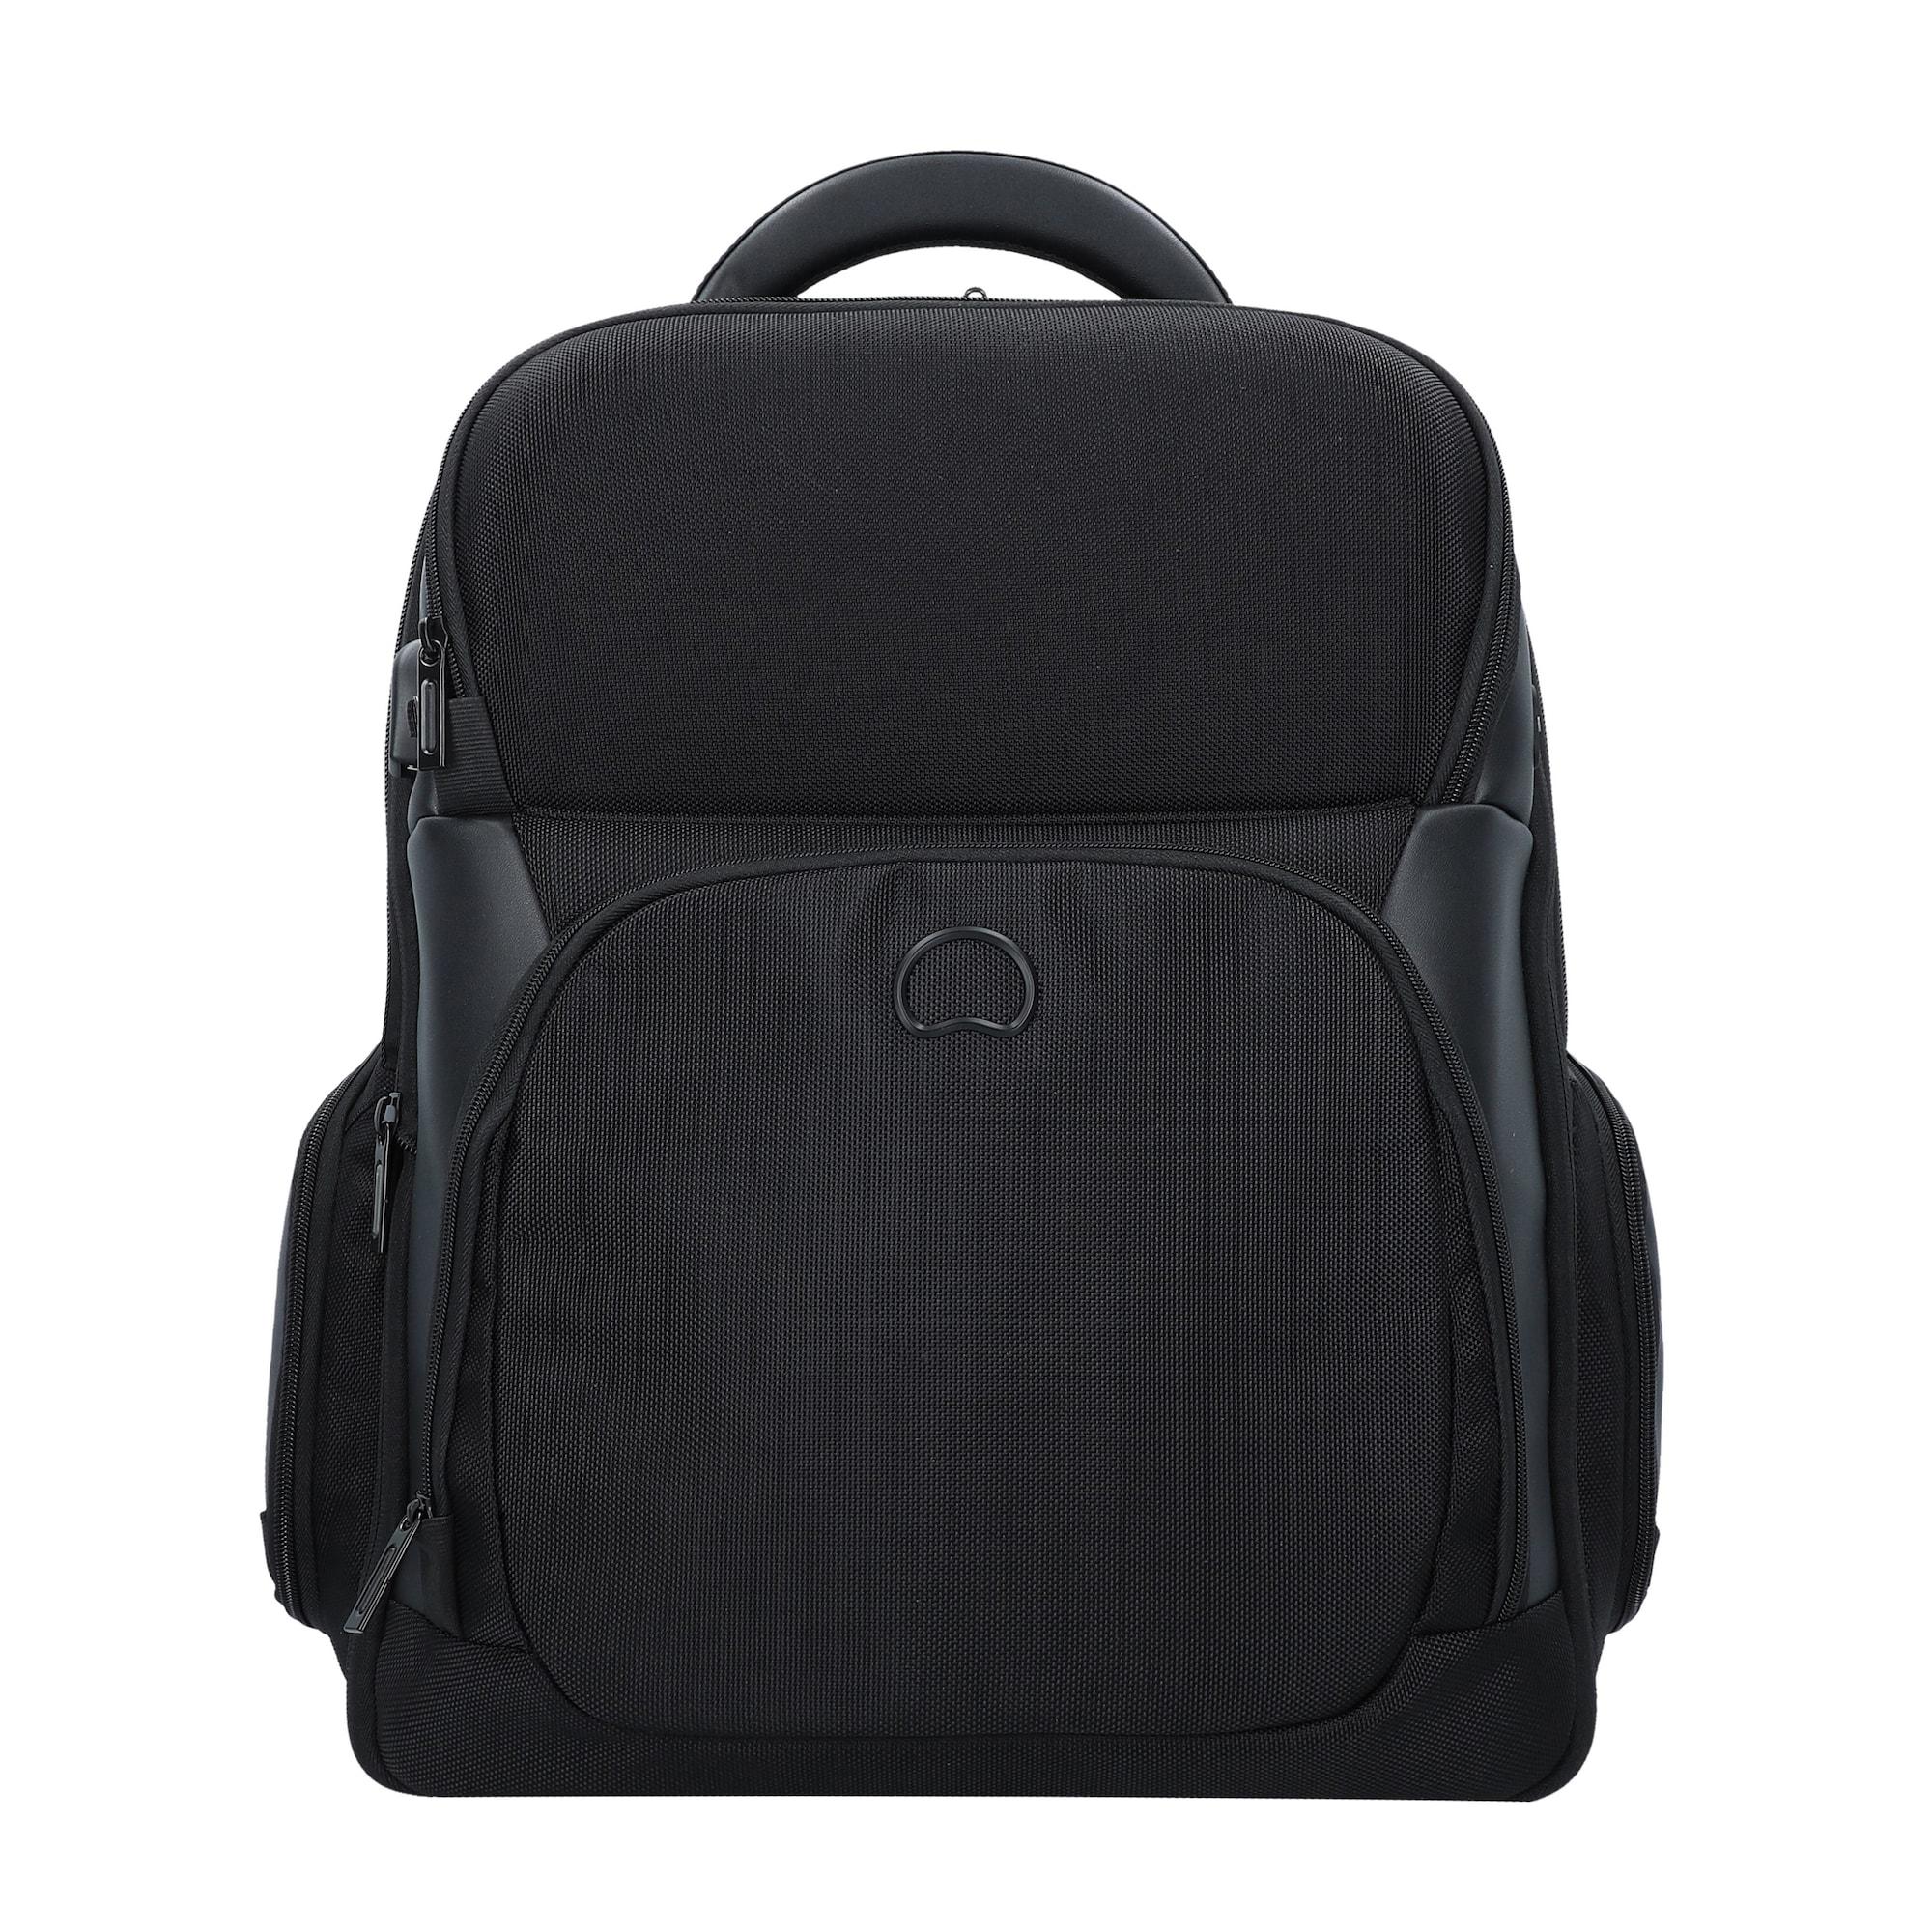 Businessrucksack 'Quarterback Premium' | Taschen > Rucksäcke > Businessrucksäcke | Delsey